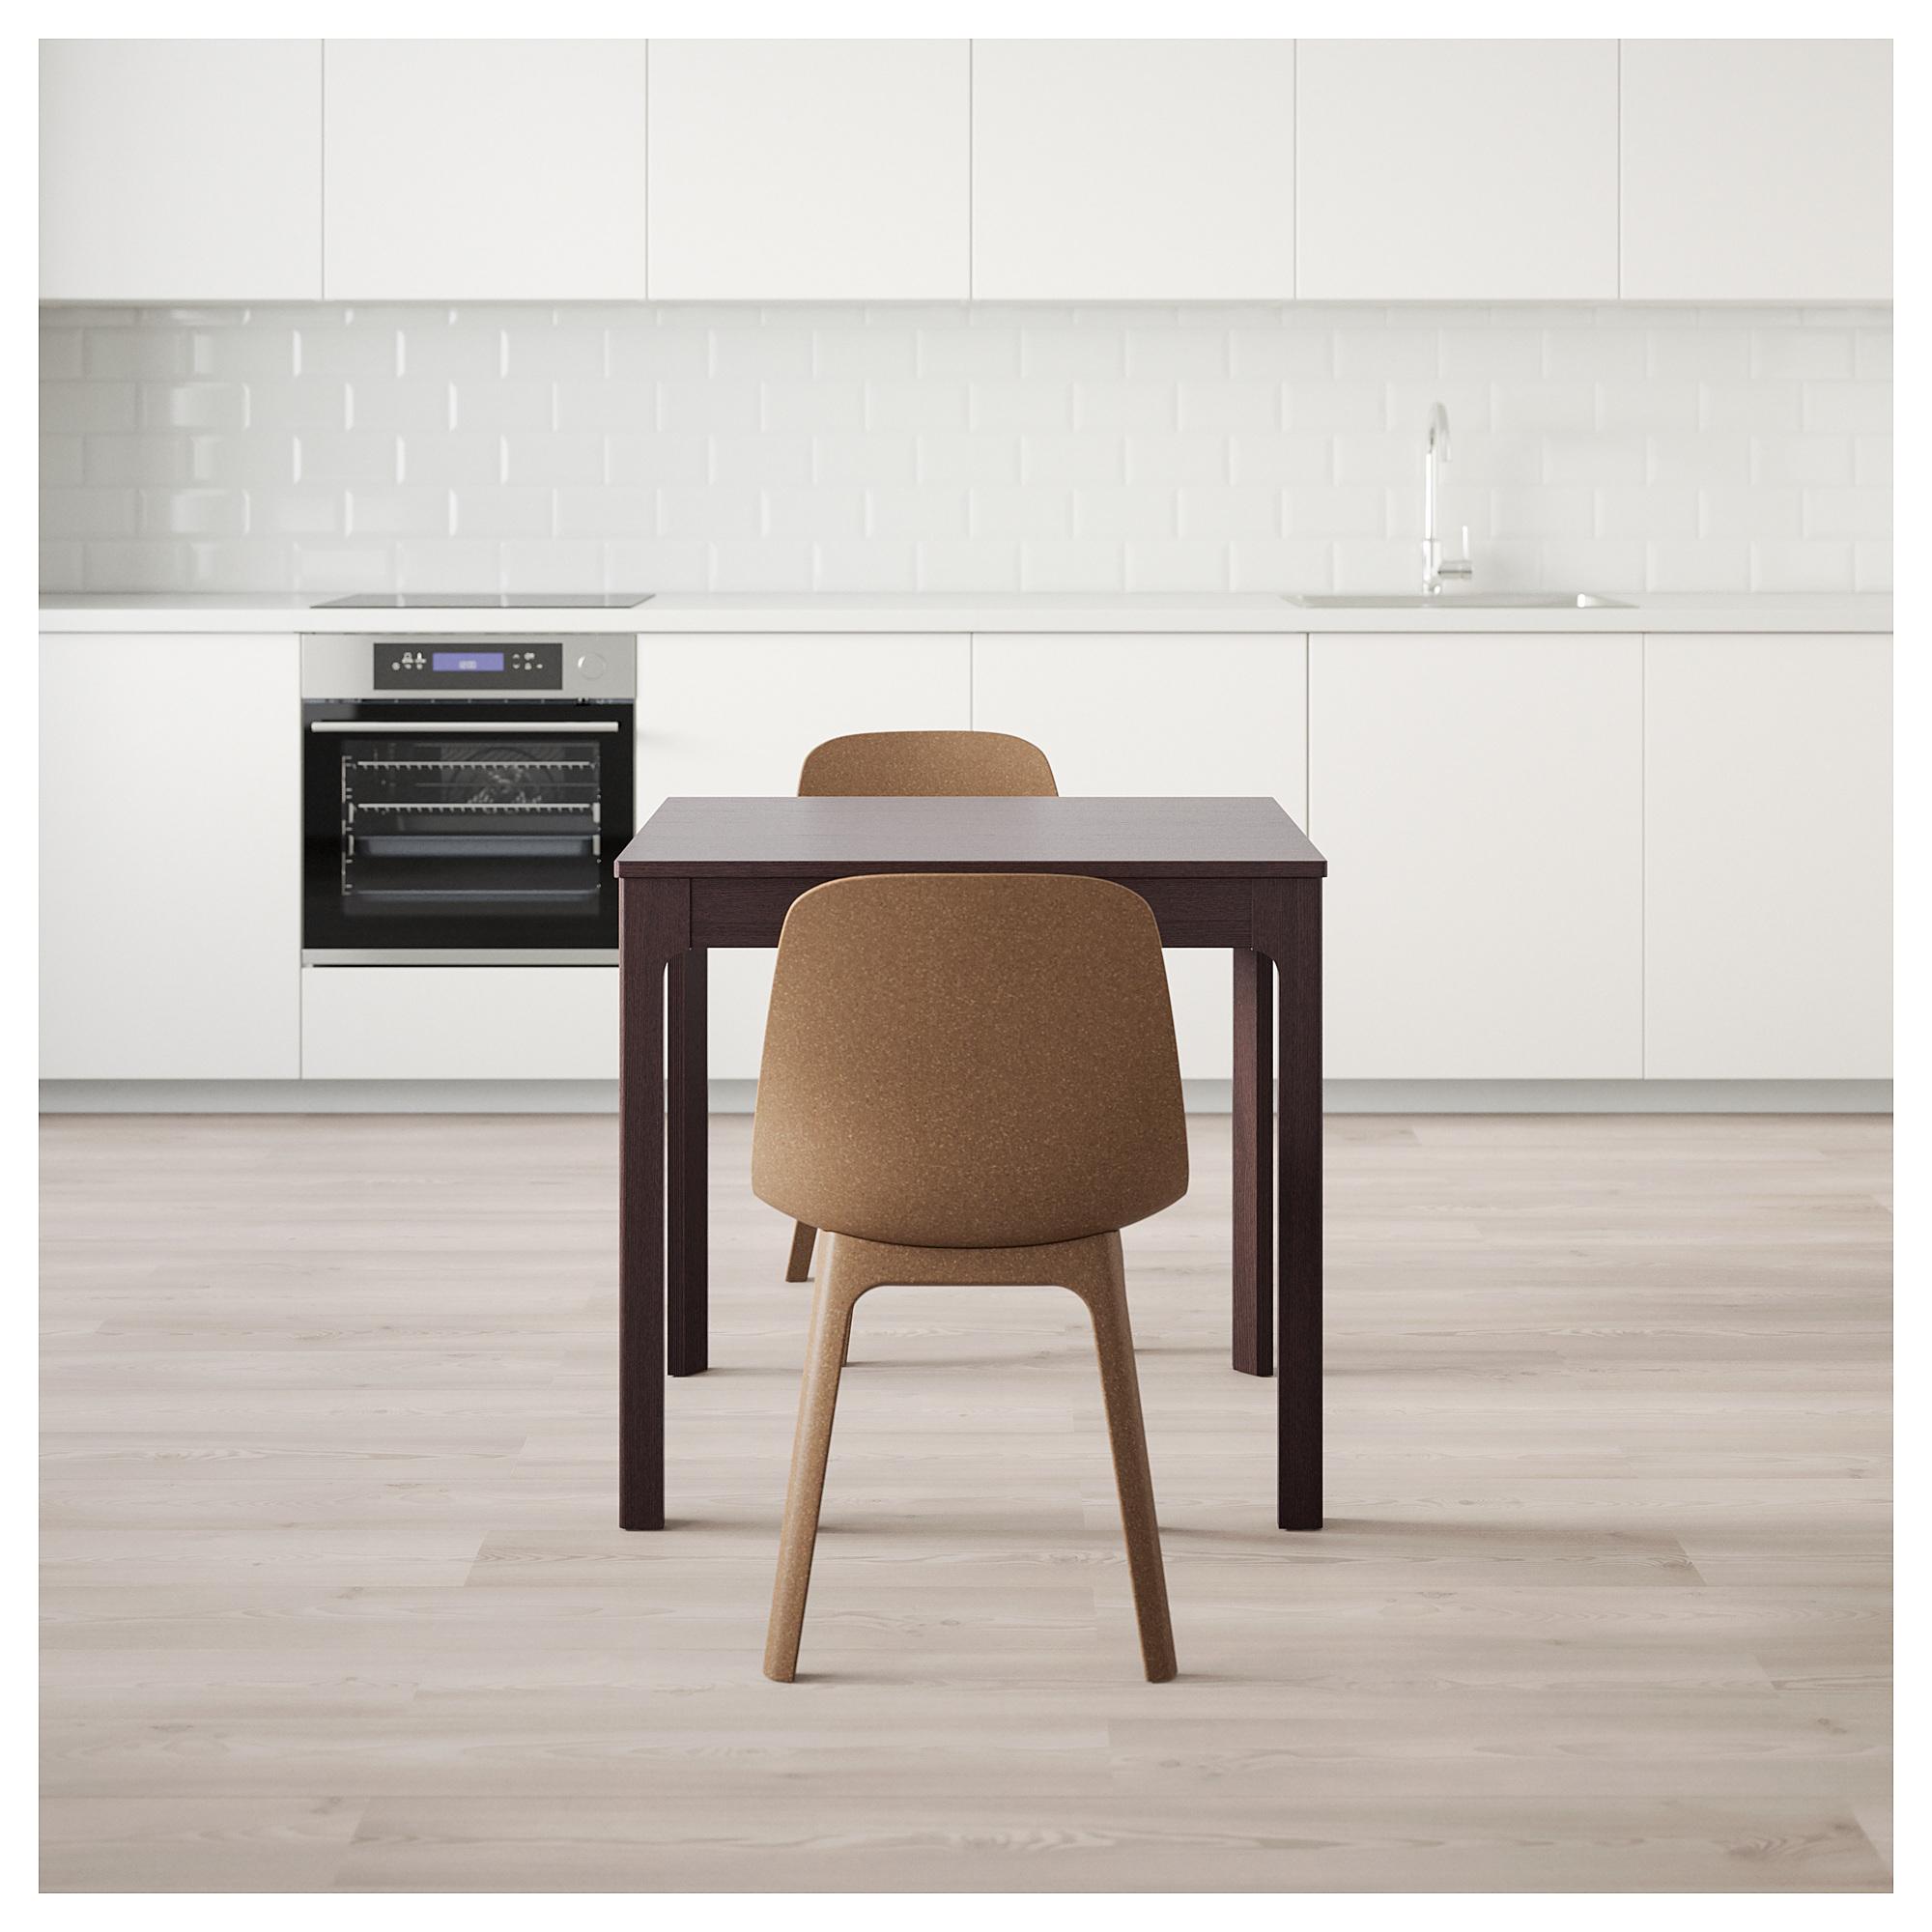 Стол и 2 стула ЭКЕДАЛЕН / ОДГЕР темно-коричневый артикуль № 992.212.86 в наличии. Интернет сайт IKEA РБ. Недорогая доставка и соборка.